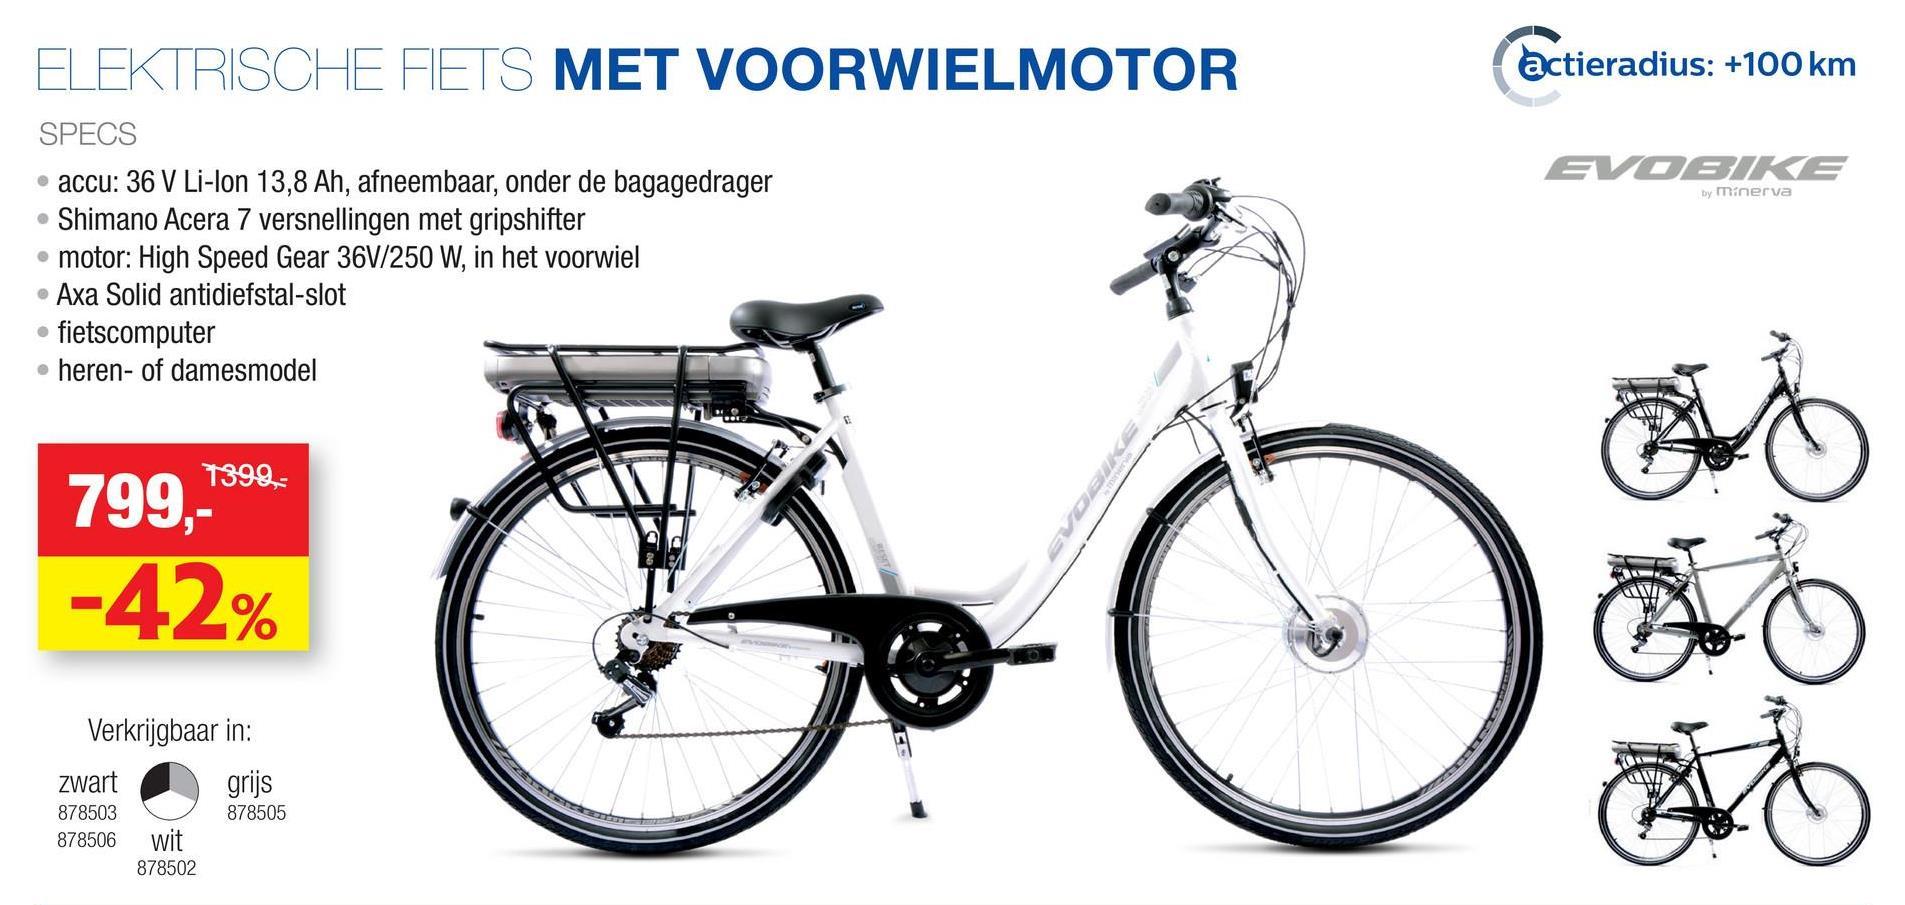 """Elektrische damesfiets F-motor 36V zwart De elektrische damesfiets Evobike Acera ziet eruit als een gewone fiets, want de makkelijk uitneembare accu is netjes weggewerkt onder de bagagedrager. Deze zwarte elektrische fiets met F-motor is een sportieve damesfiets met voorwielaandrijving en een open kettingkast voor een sportief karakter.<ul><li>Remmen: Shimano V-brake voor en achter</li><li>Versnellingen: Shimano Acera 7 versnellingen met gripshifter</li><li>Motor: High speed gear 36V 250W in het voorwiel</li><li>Accu: Li-ion 36V 13,8Ah, afneembaar onder bagagedrager</li><li>Actieradius accu: ongeveer 100km</li><li>Traploze ondersteuning door middel van computer op het stuur</li><li>Wielmaat: 28""""</li><li>Hoogte frame: 49cm</li><li>Slot: Axa Solid</li><li>Banden met zijreflectie</li><li>Verstelbare stuurpen</li></ul>"""